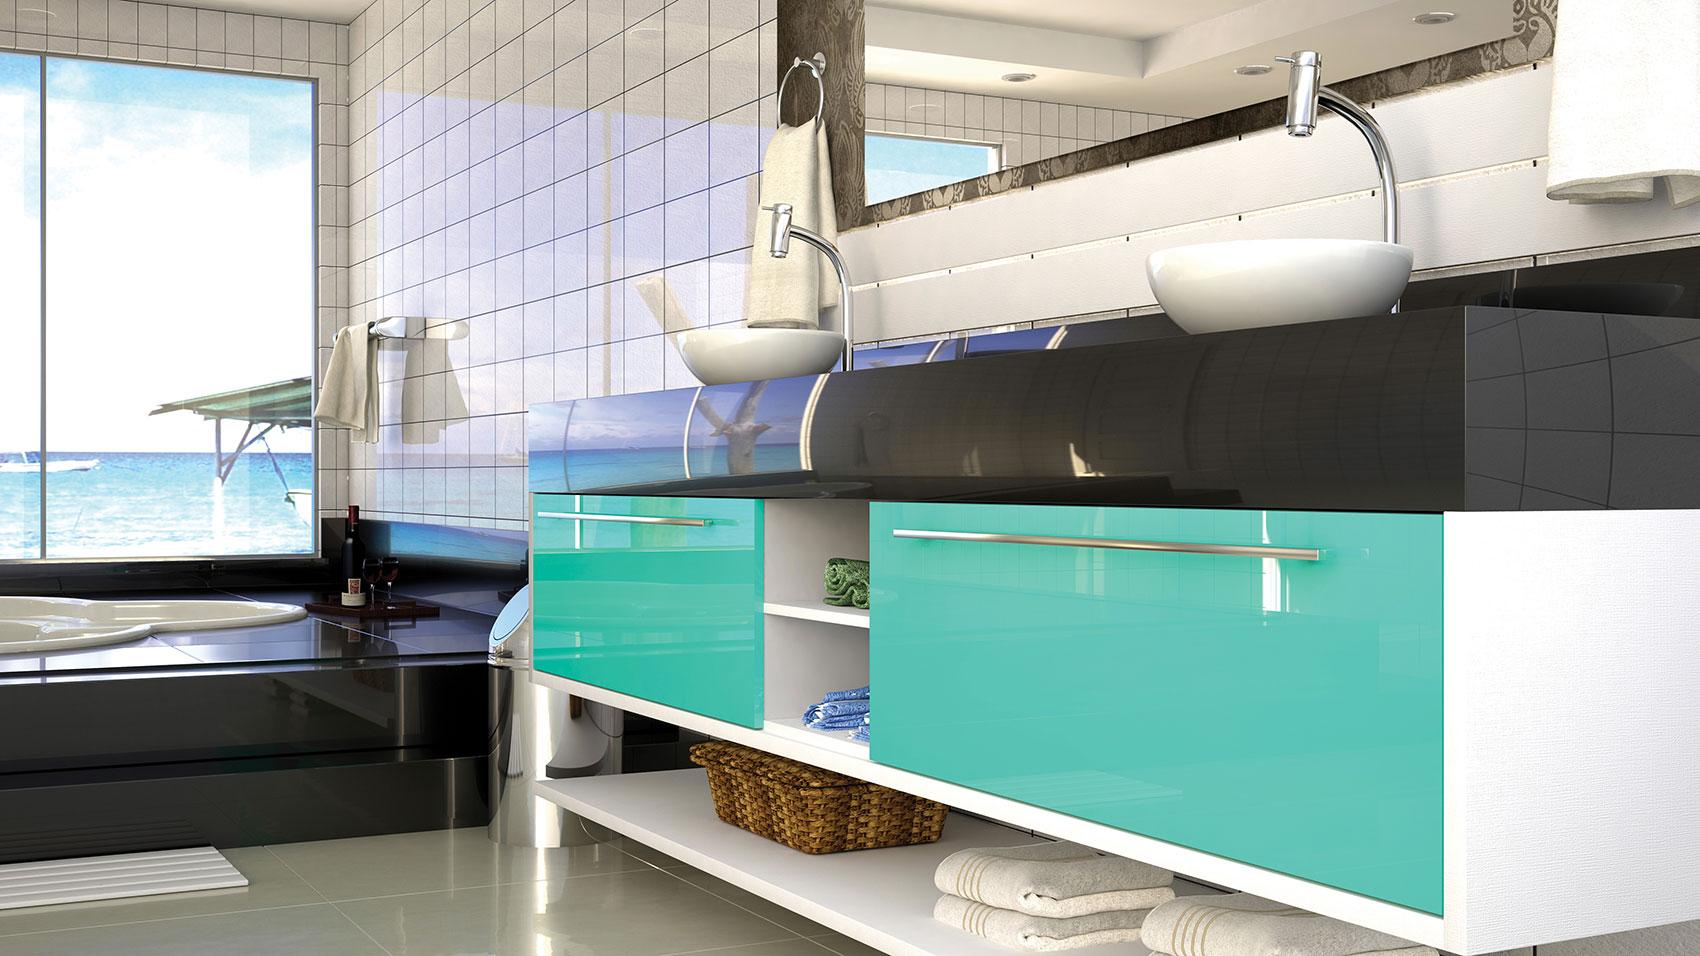 office banheiro área de serviço seja nosso parceiro contato banheiro #2F9C89 1700x956 Banheiro Branco Com Pastilhas Verde